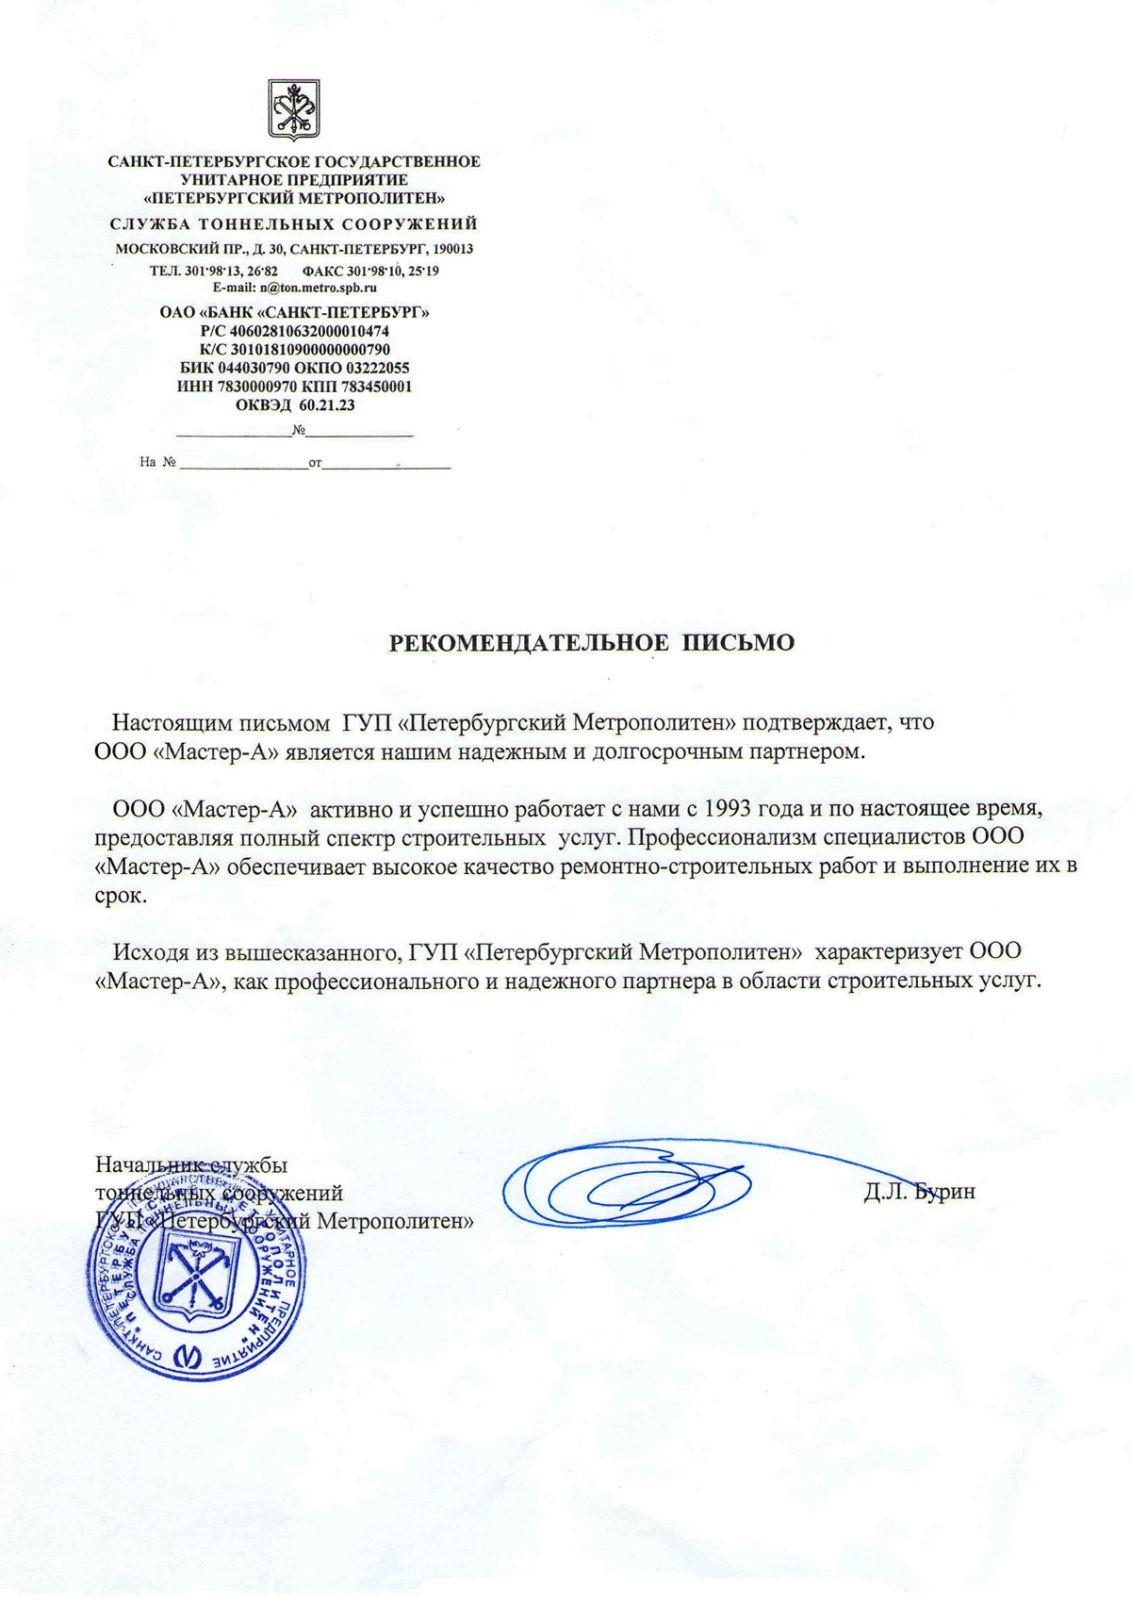 """Отзыв """"Петербургский метрополитен"""" о работе ООО """"Наш город"""""""